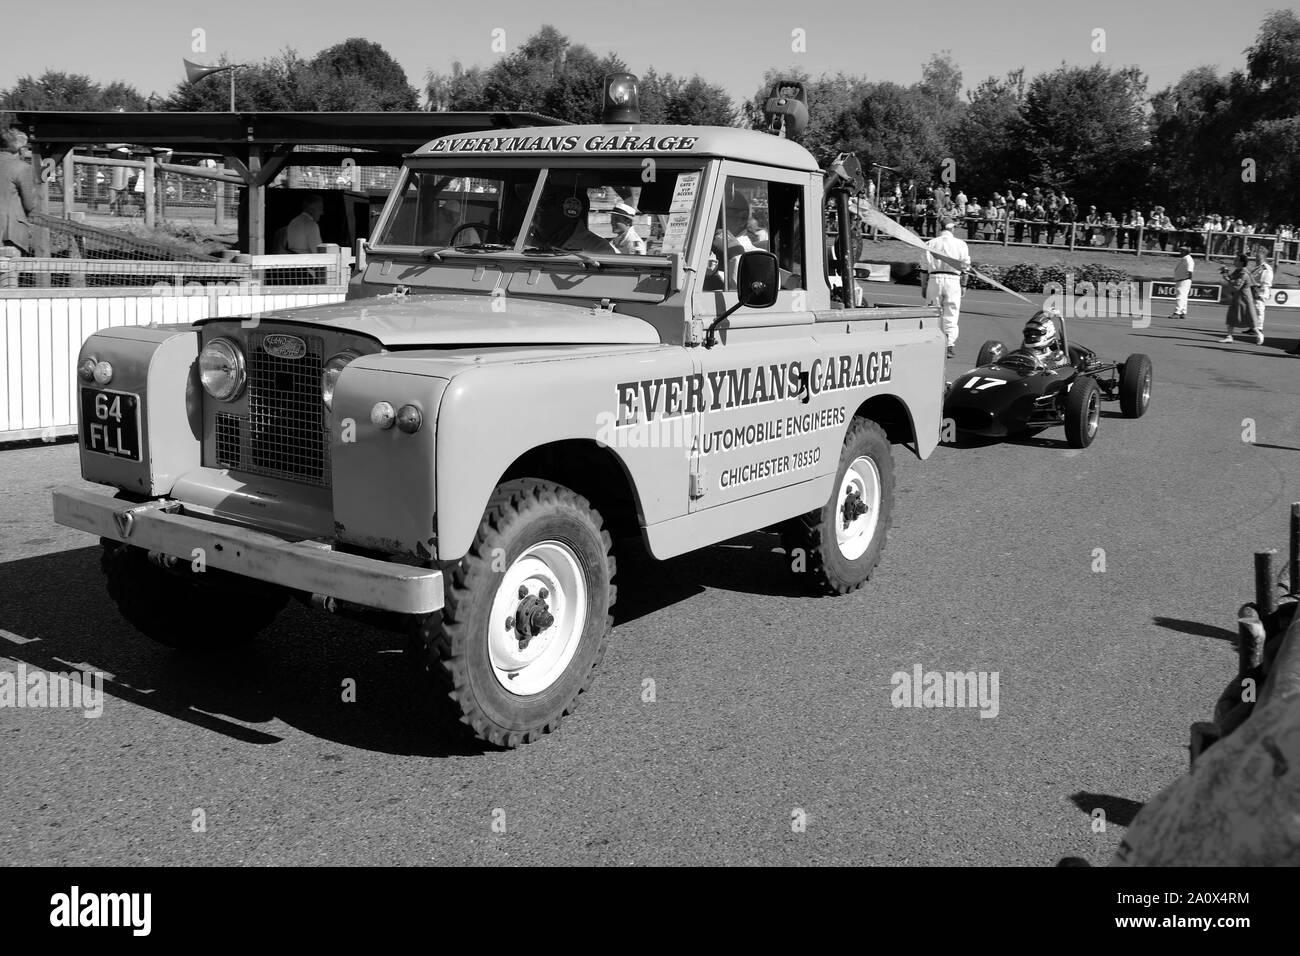 Septiembre de 2019 - Land Rover serie 2, la recuperación de un coche de carreras en la reunión de la raza de renacimiento de Goodwood Foto de stock